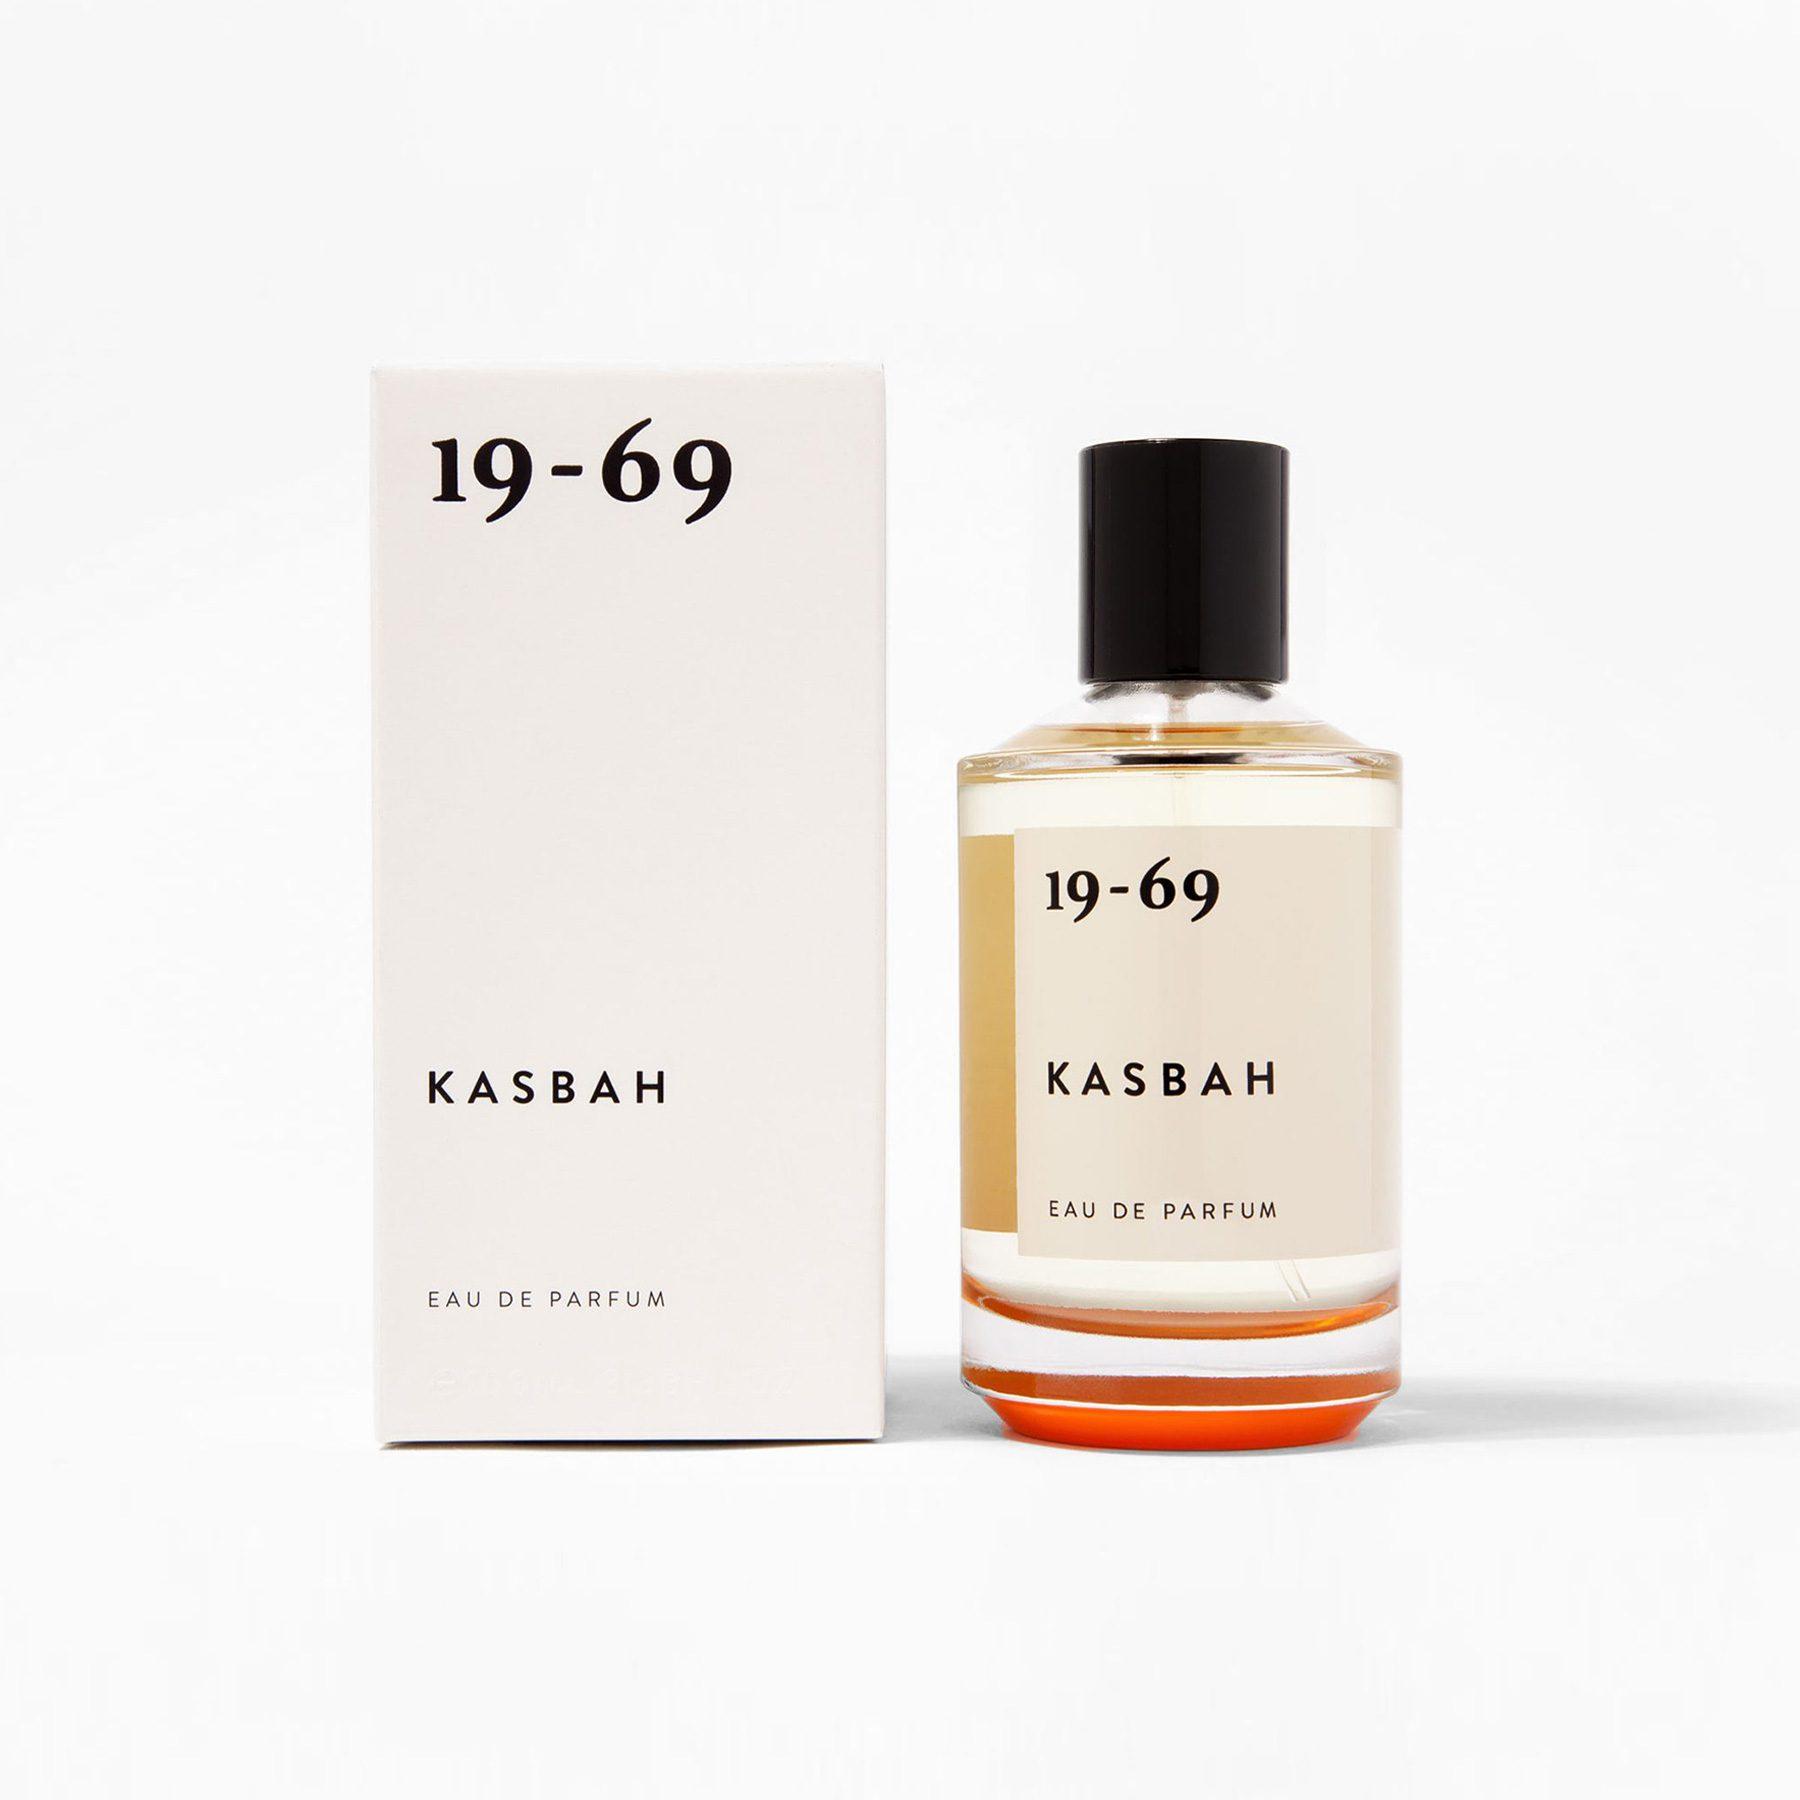 19-69-Kasbah-1